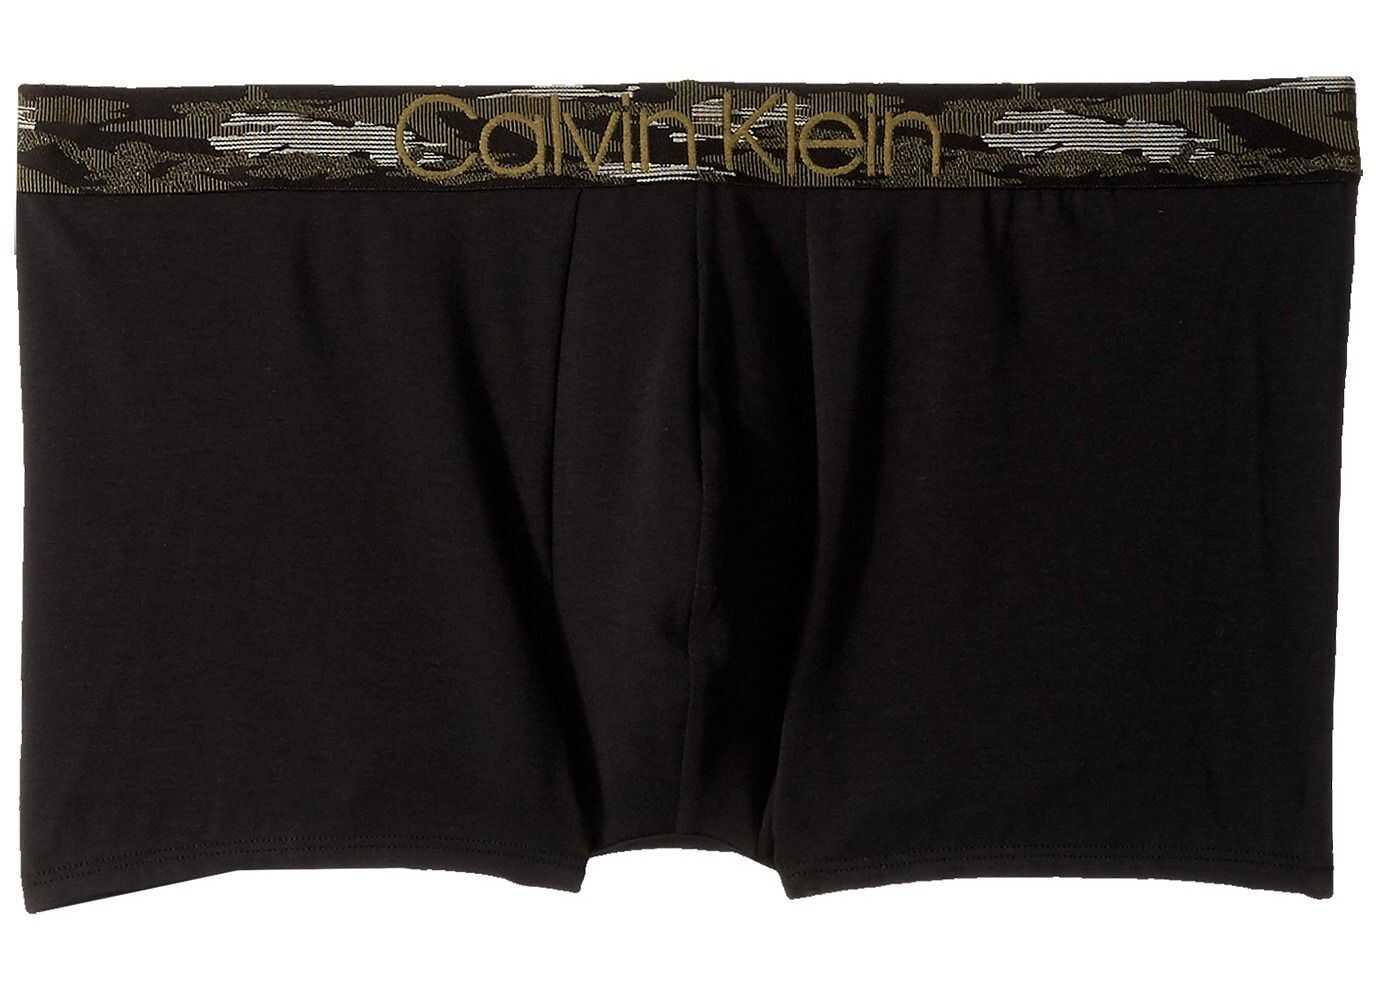 Calvin Klein Underwear Camo Cotton Trunk Black/Camo